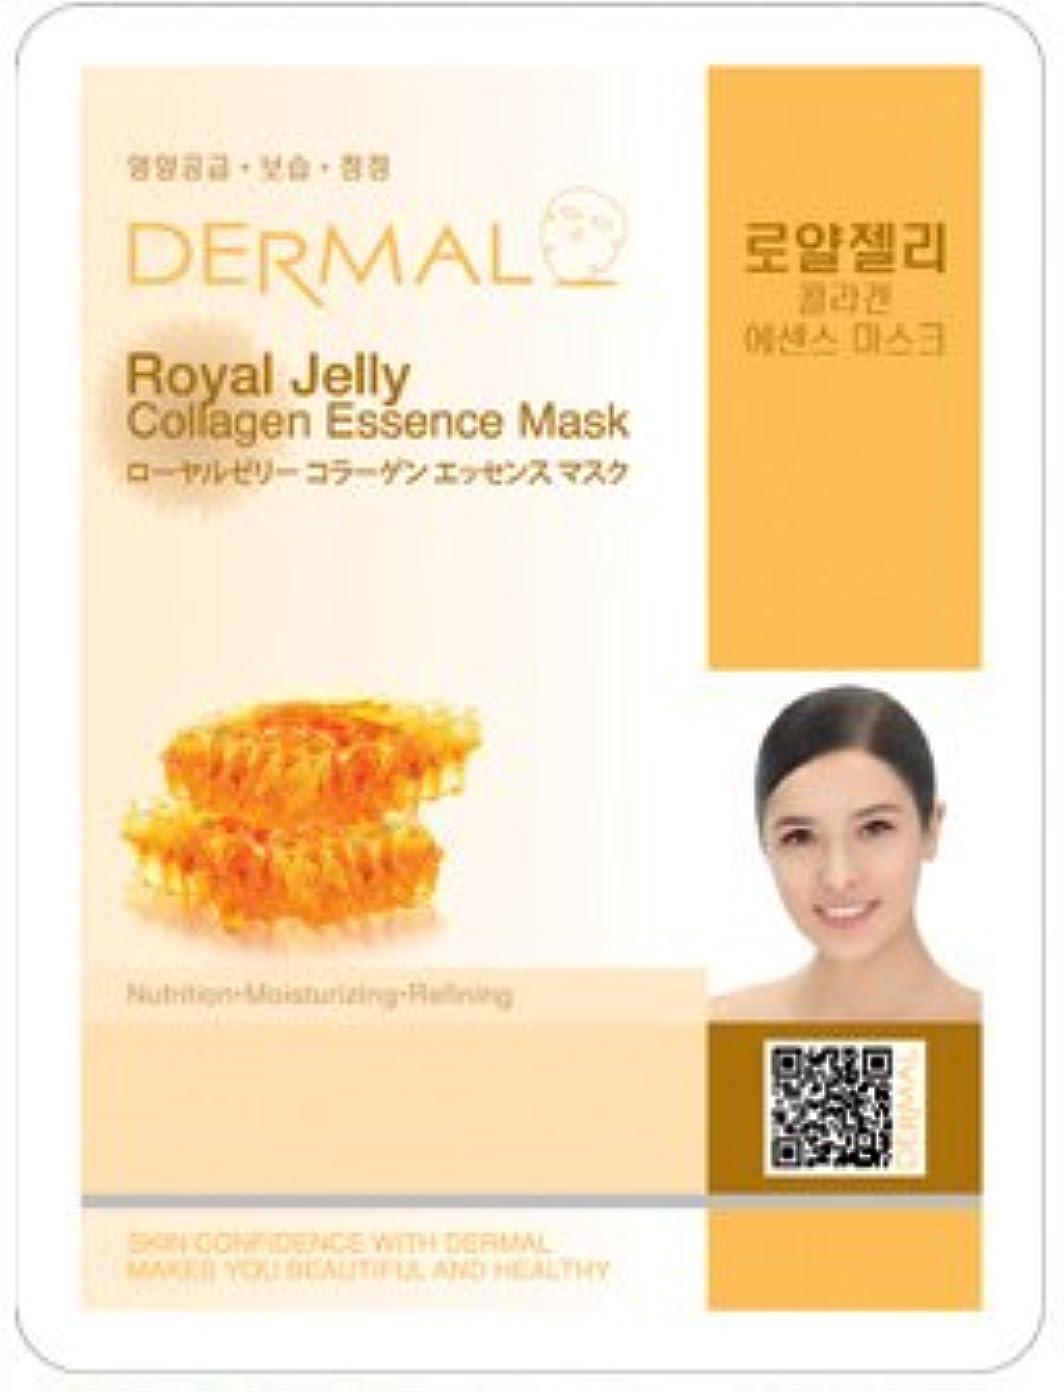 感染する期限切れプリーツシートマスク ローヤルゼリー 10枚セット ダーマル(Dermal) フェイス パック